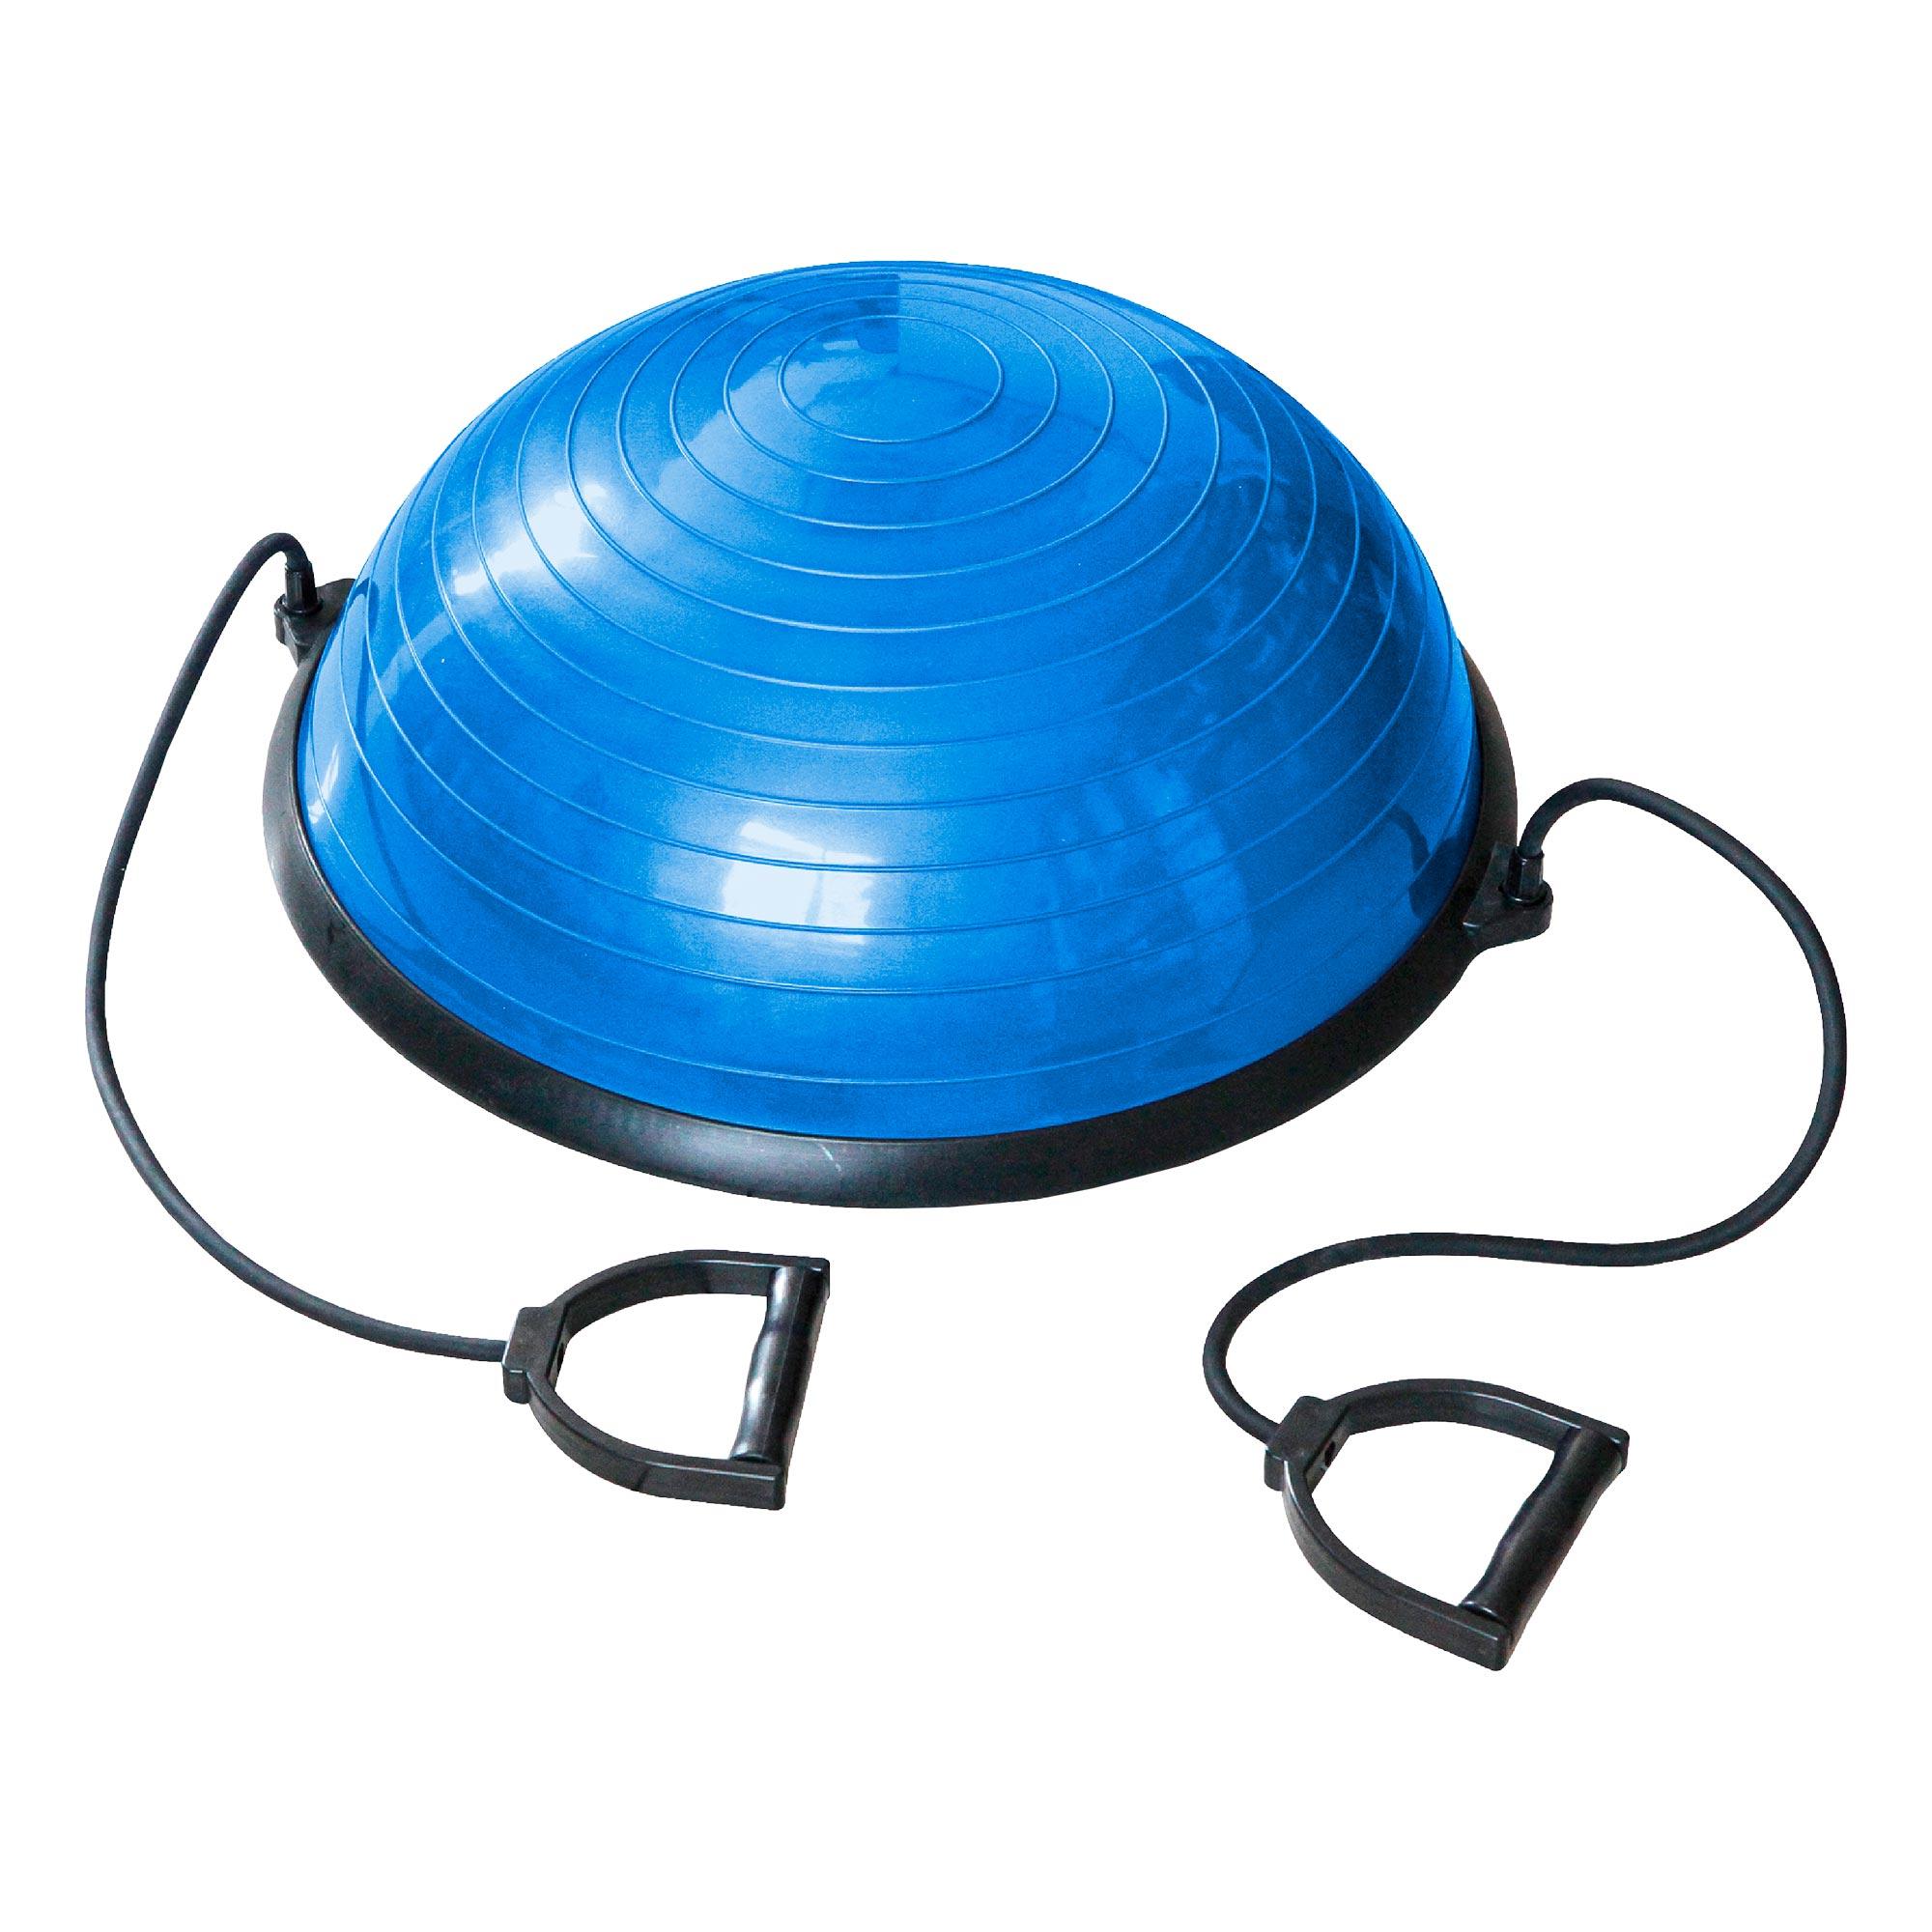 Bosu Ball de Equilíbrio com Alças e Bomba de Encher 58x25cm 09102